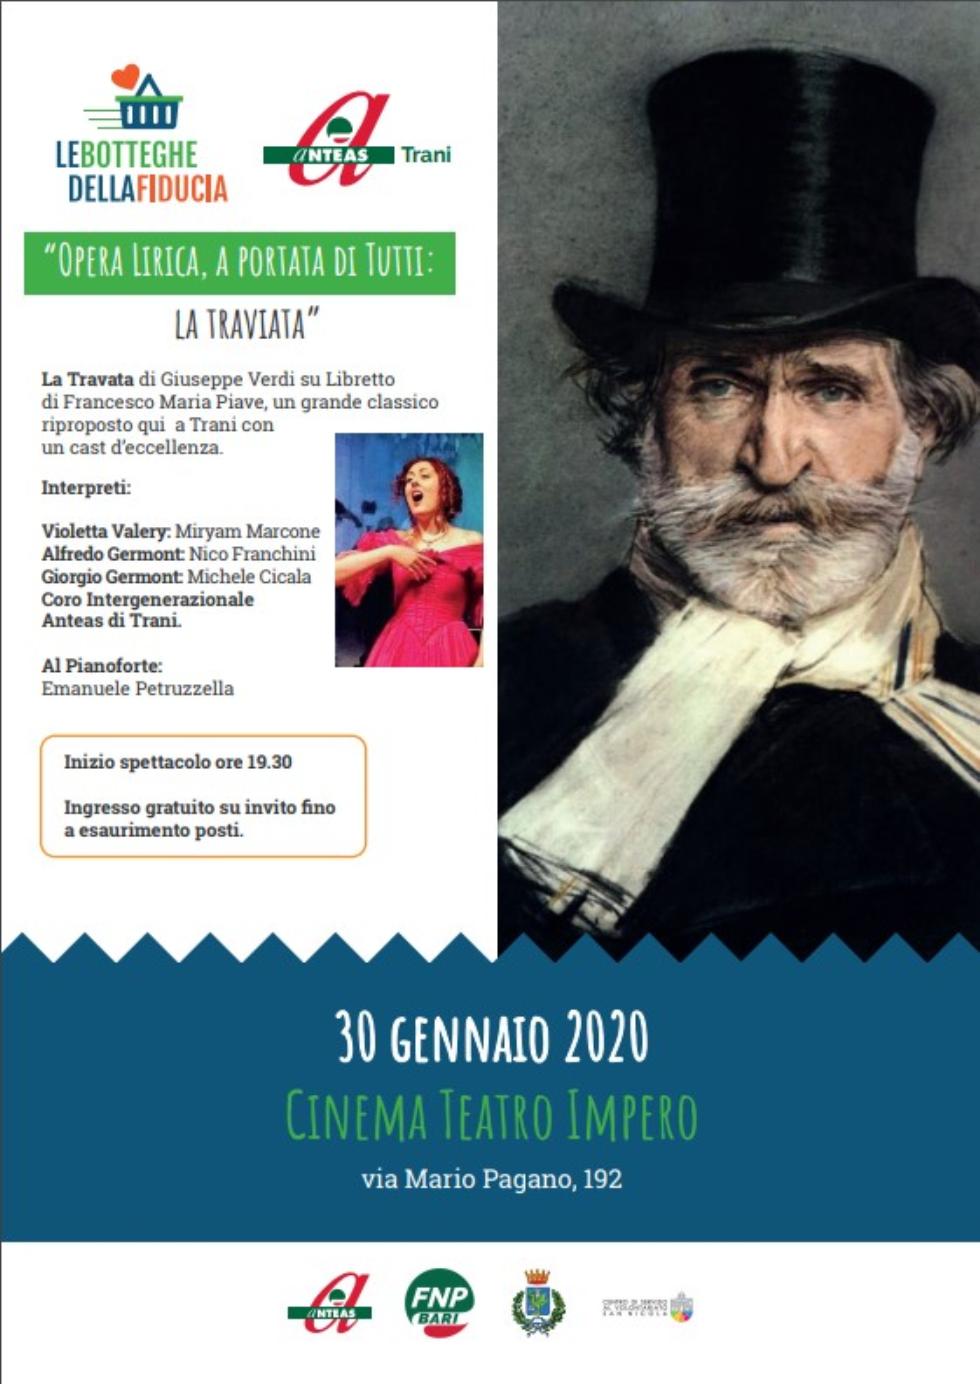 Nell'ambito di botteghe della fiducia, la Traviata di Giusppe Verdi, con Anteas Tranui